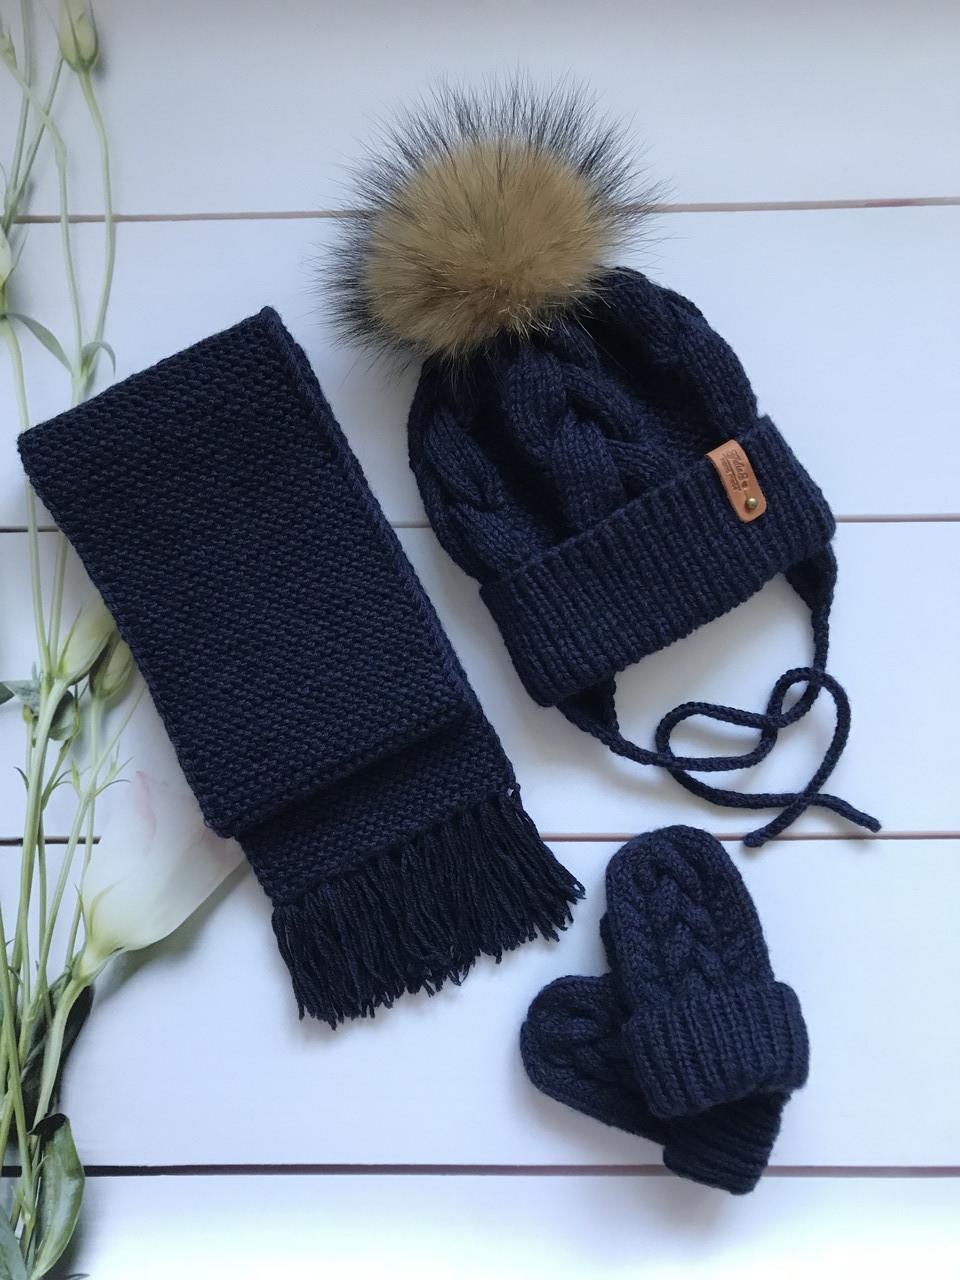 Вязаная зимняя утепленная шапка, шарф, варежки с натуральным меховым бубоном ручной работы.